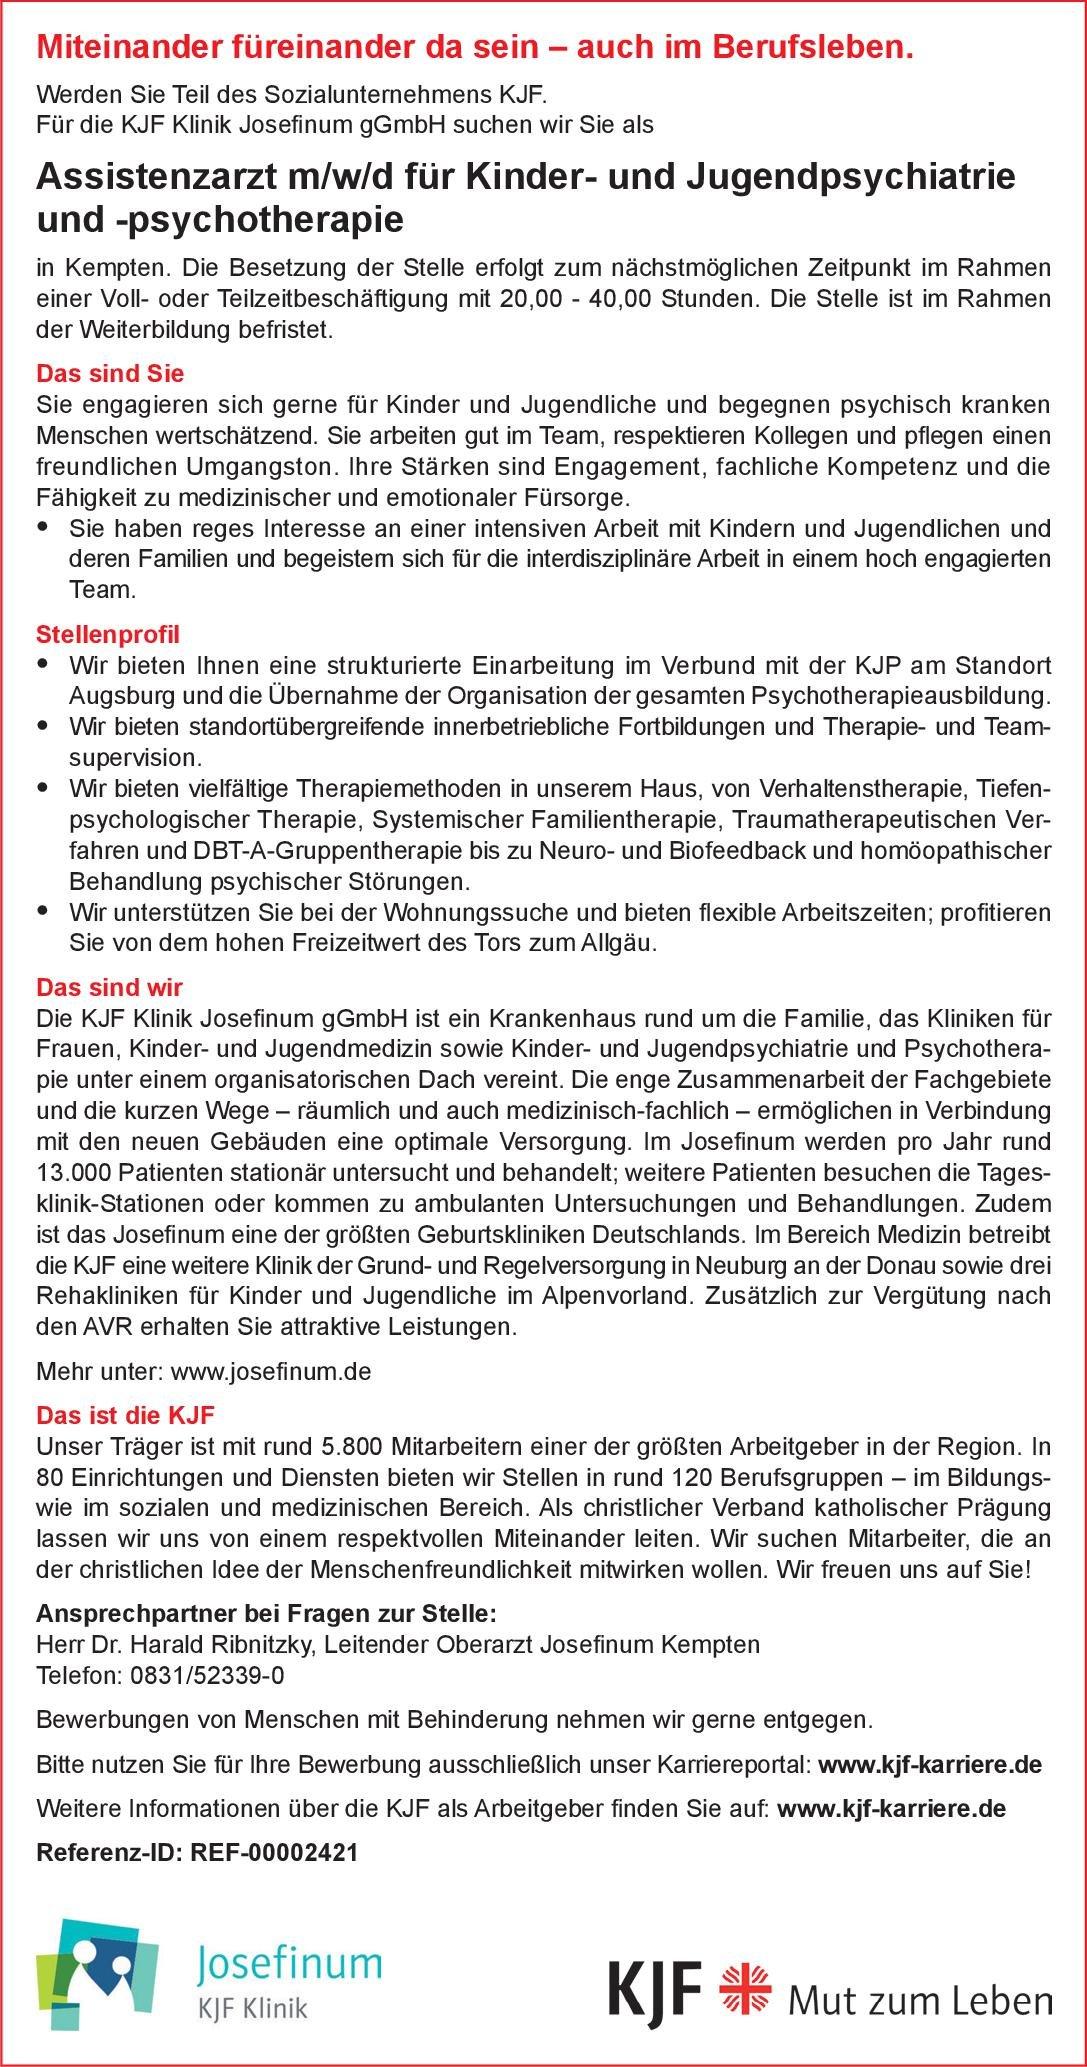 KJF Klinik Josefinum gGmbH Assistenzarzt m/w/d für Kinder- und Jugendpsychiatrie und -psychotherapie Kinder- und Jugendpsychiatrie und -psychotherapie Assistenzarzt / Arzt in Weiterbildung